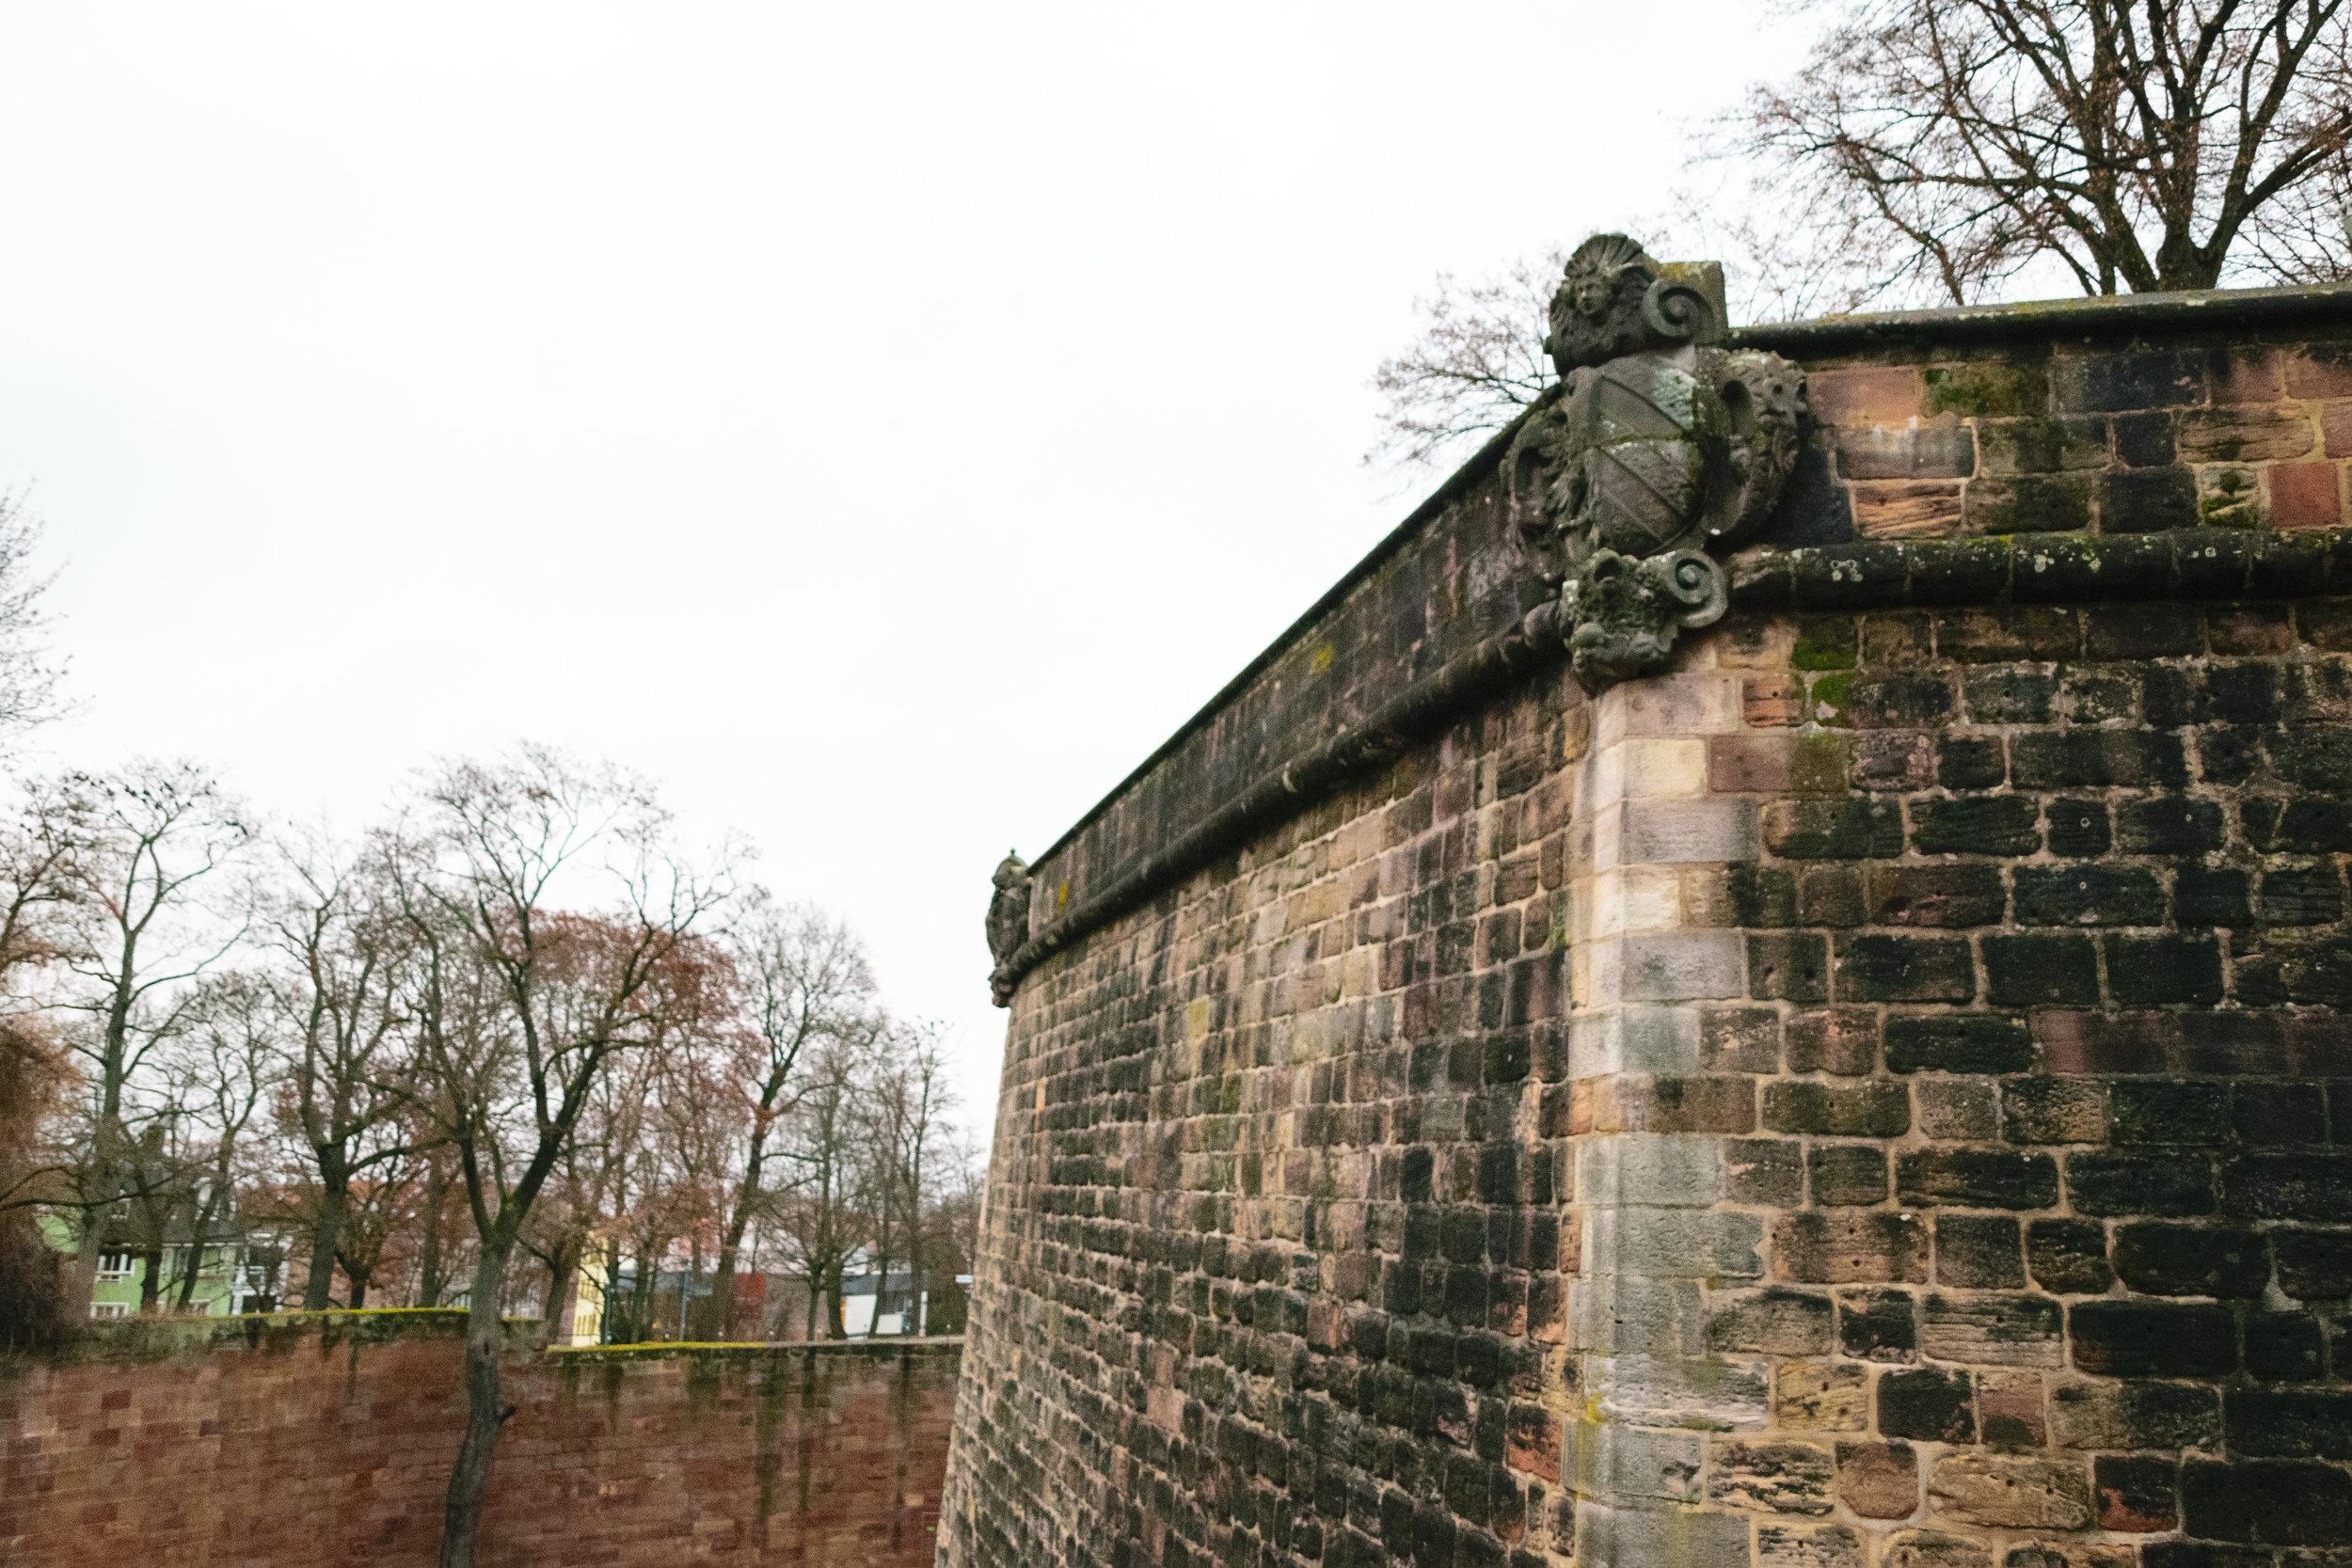 castle exterior walls